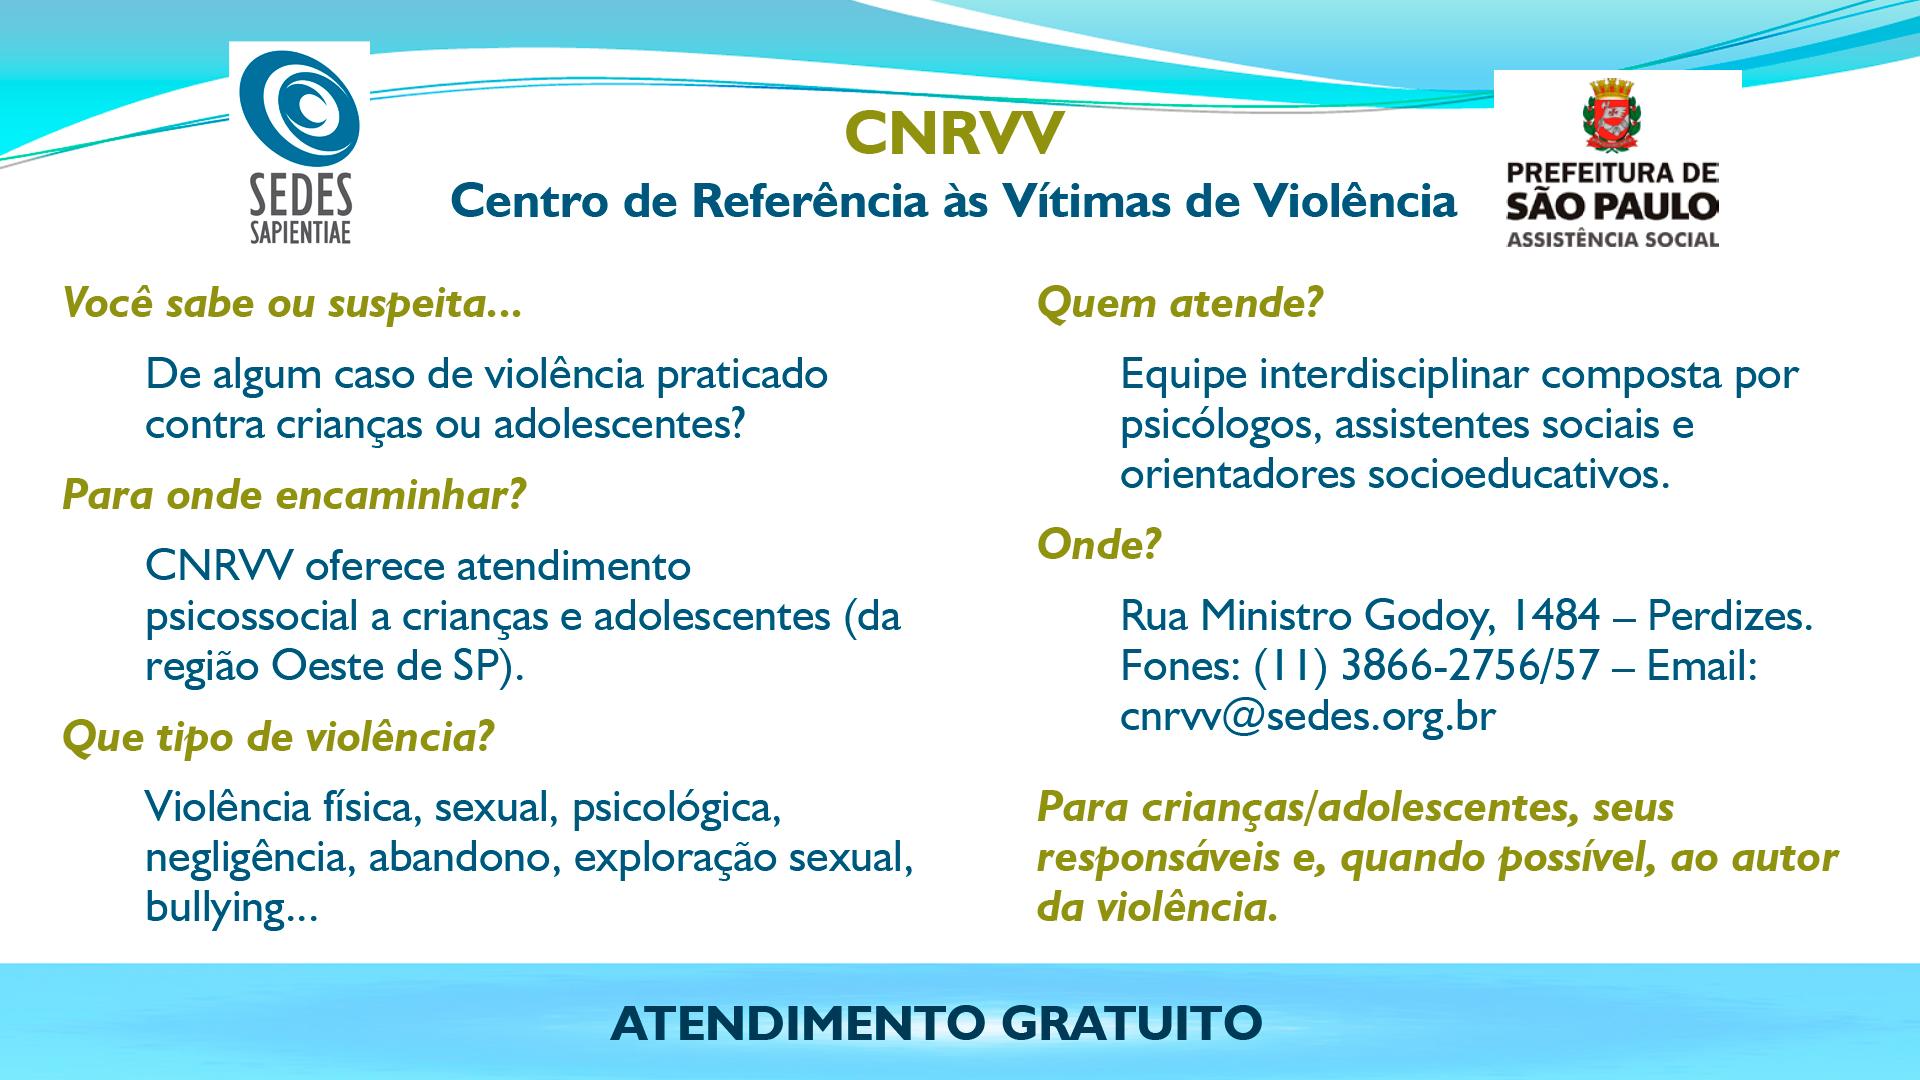 CNRVV – Centro de Referência às Vítimas de Violência